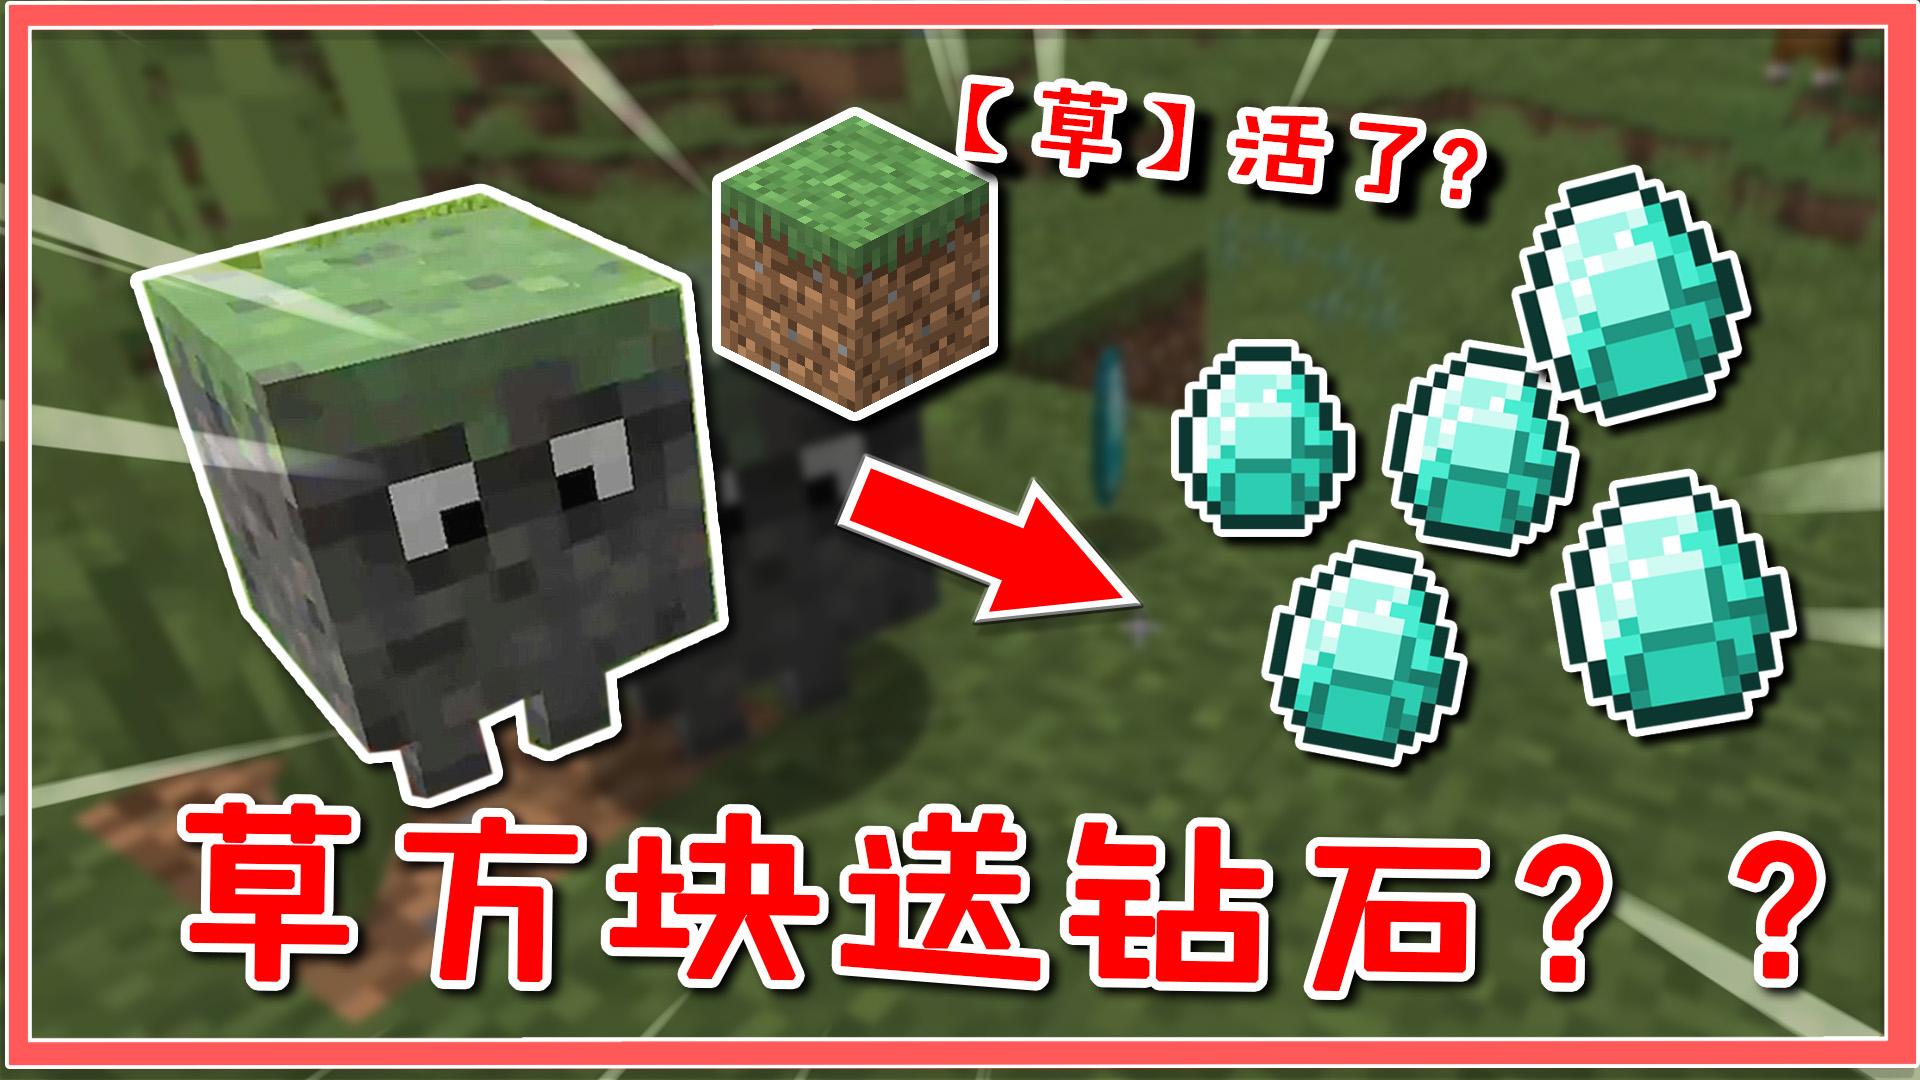 我的世界:草方块变活了?会给玩家赠送钻石金粒,挖土就能遇到!